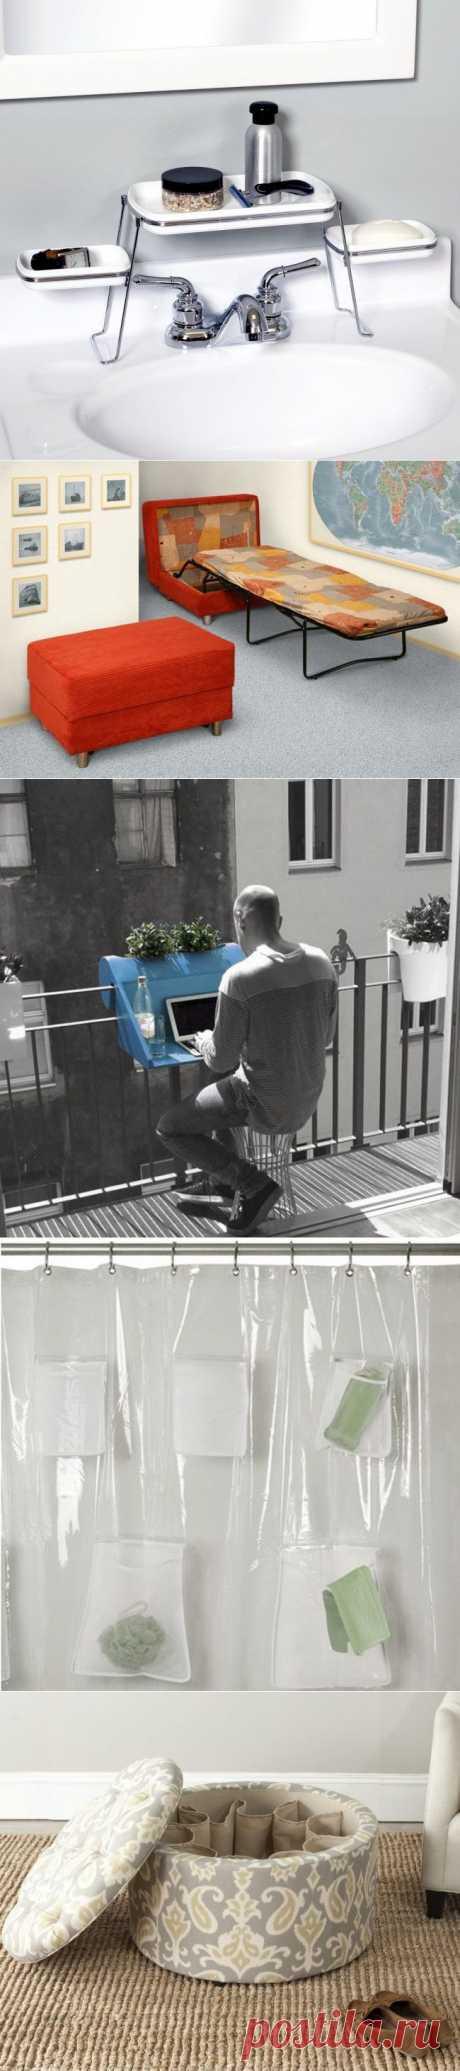 Идеи умного дизайна / Домоседы